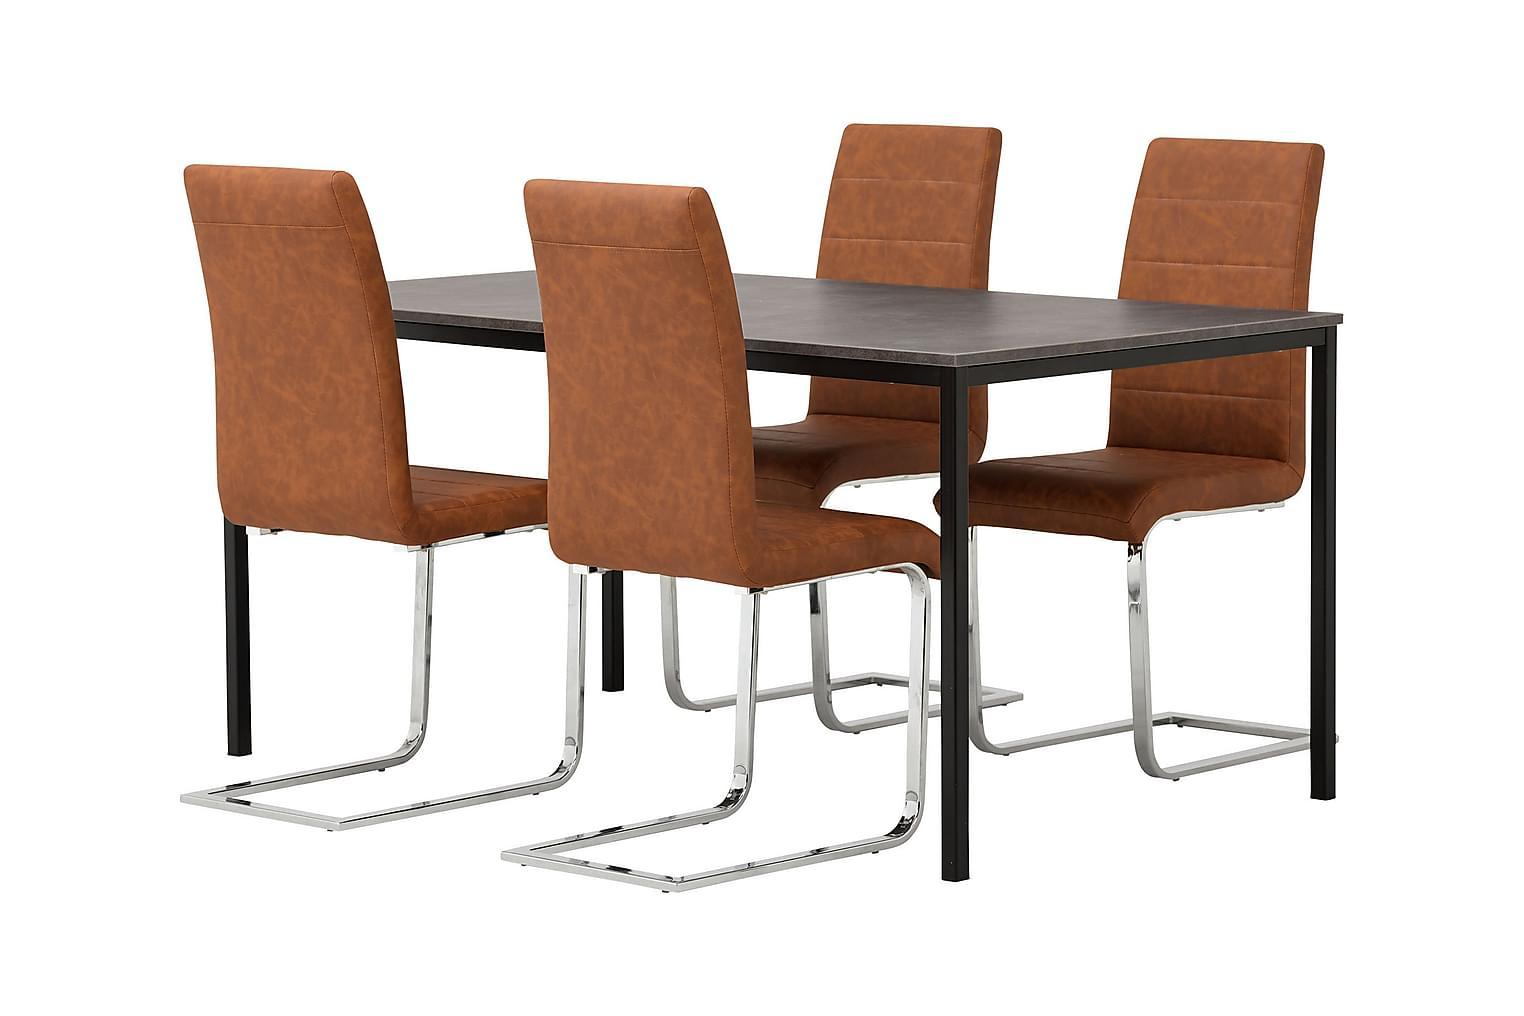 NOOMI Pöytä 158 Harmaa/Musta+ 4 EMÅN Tuolia Antiikinruskea